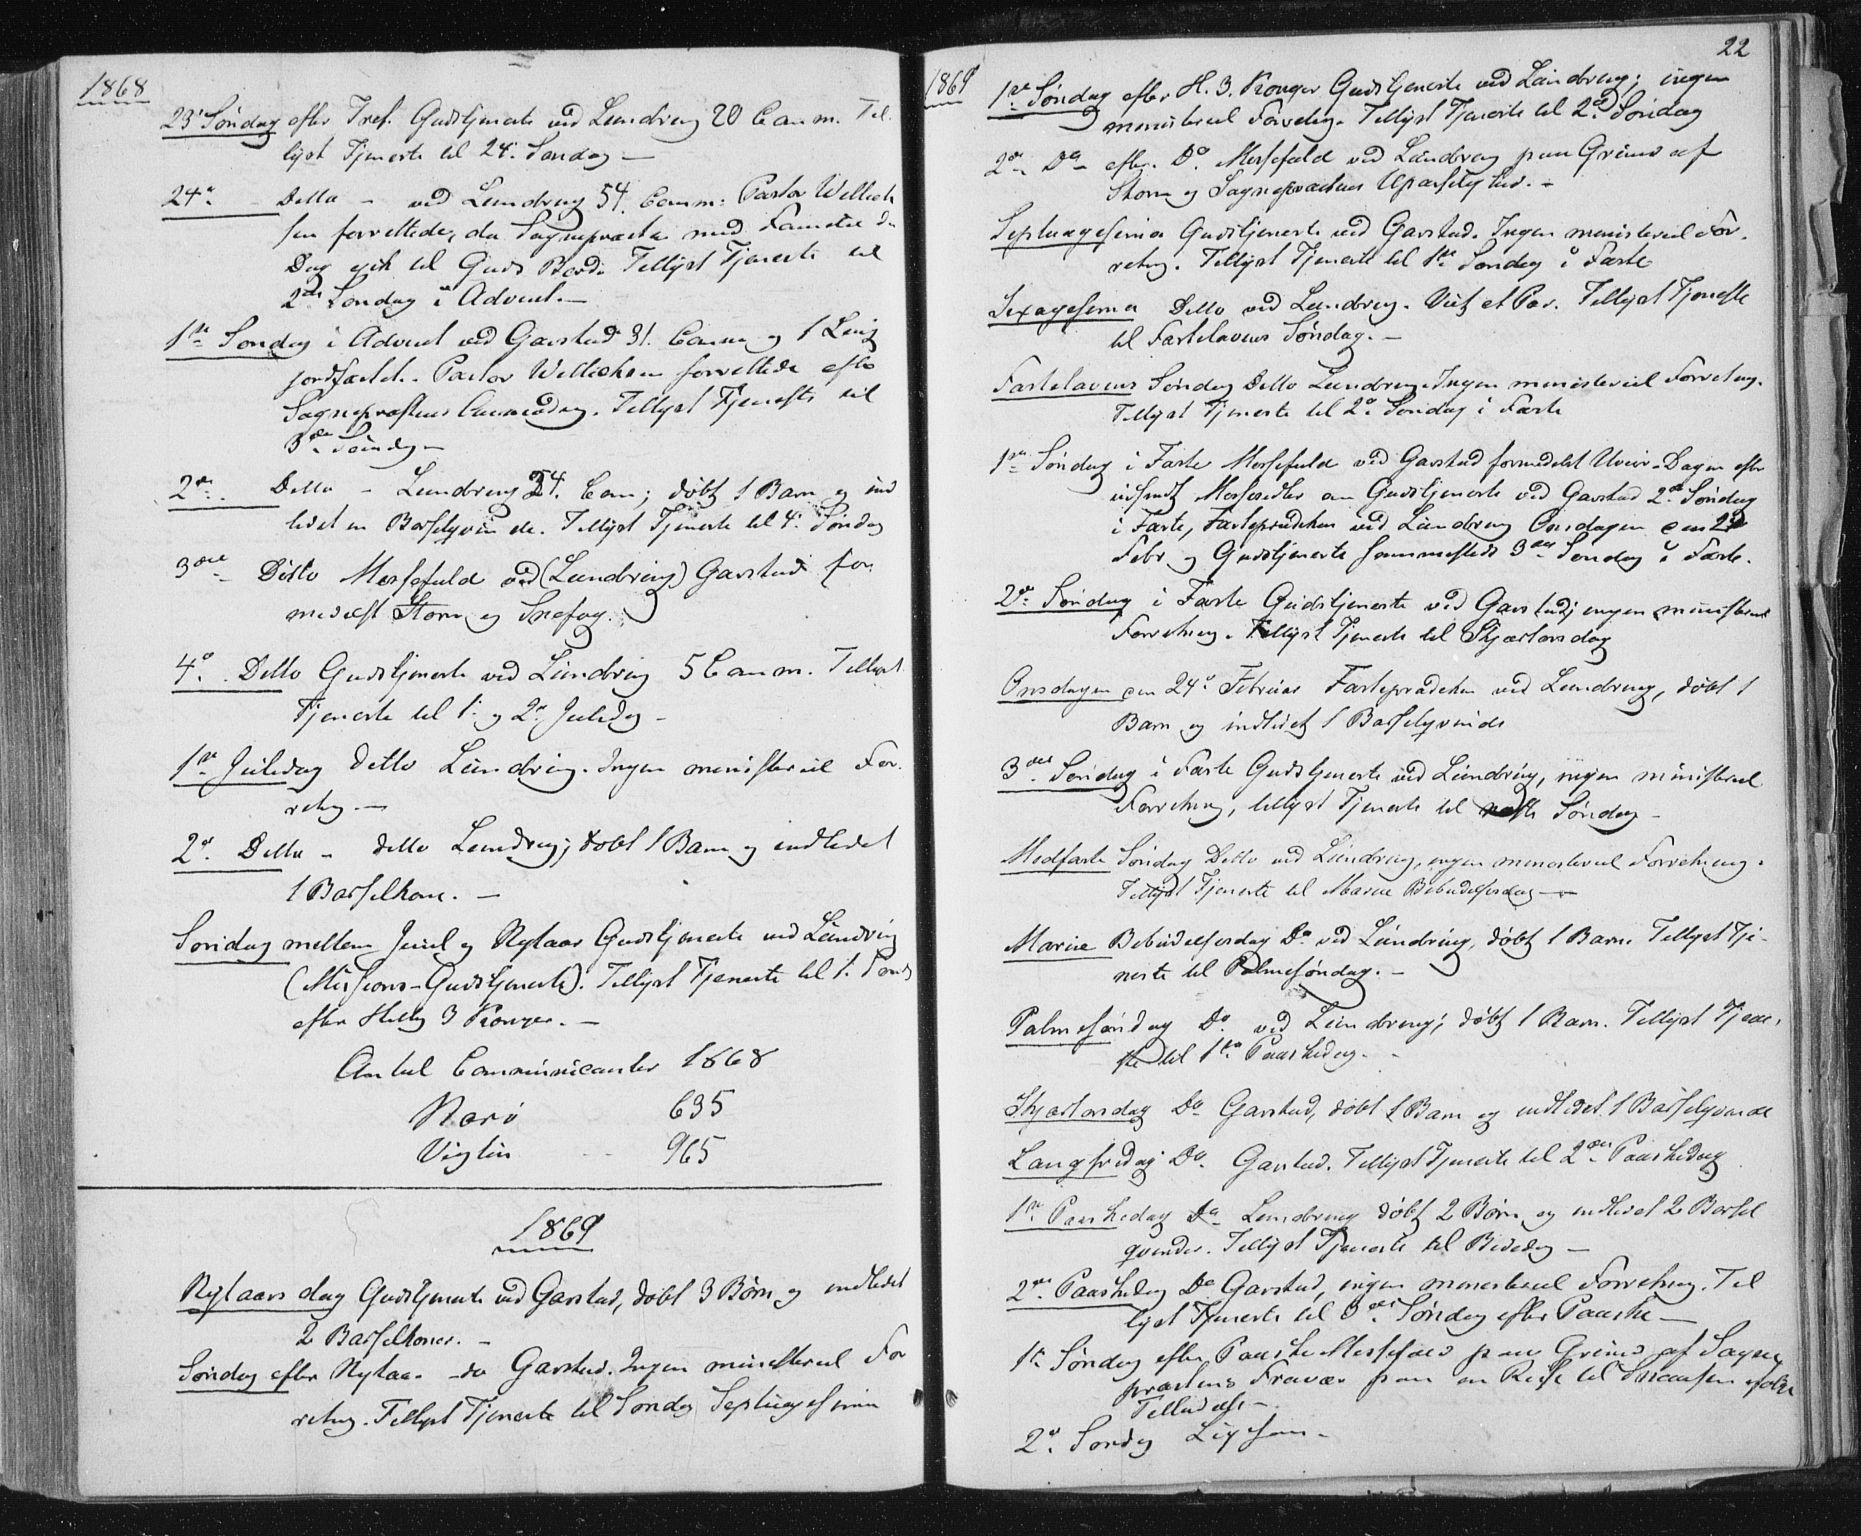 SAT, Ministerialprotokoller, klokkerbøker og fødselsregistre - Nord-Trøndelag, 784/L0670: Ministerialbok nr. 784A05, 1860-1876, s. 22